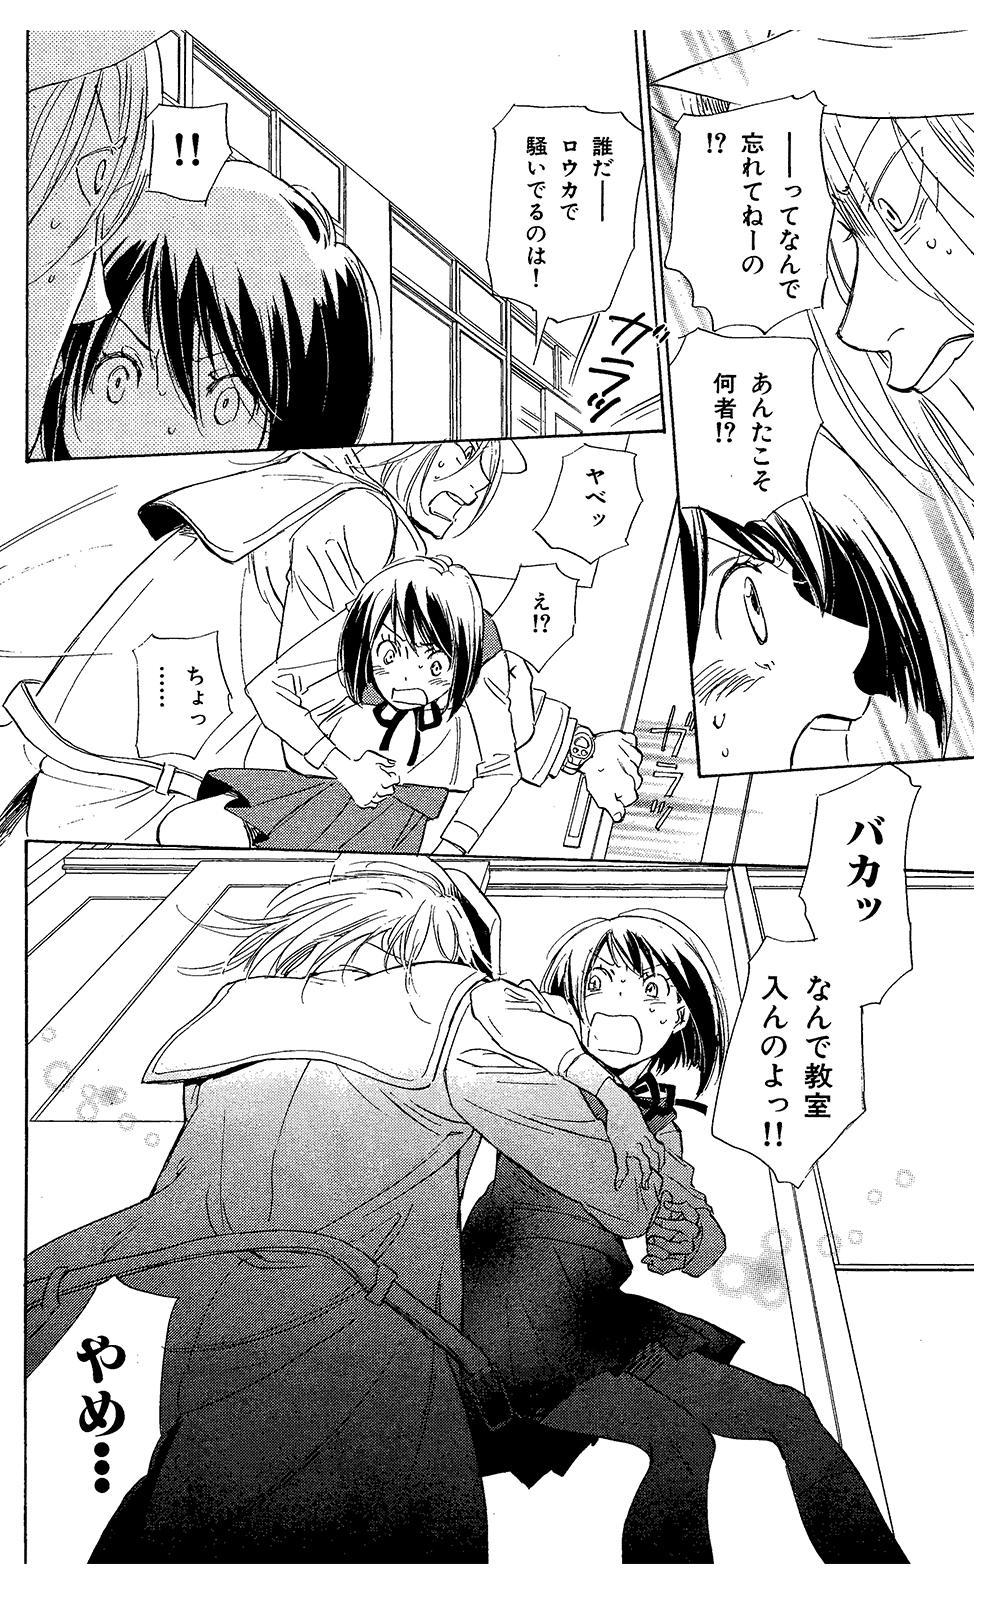 時間の歩き方 第1話 ①jikan01-12.jpg